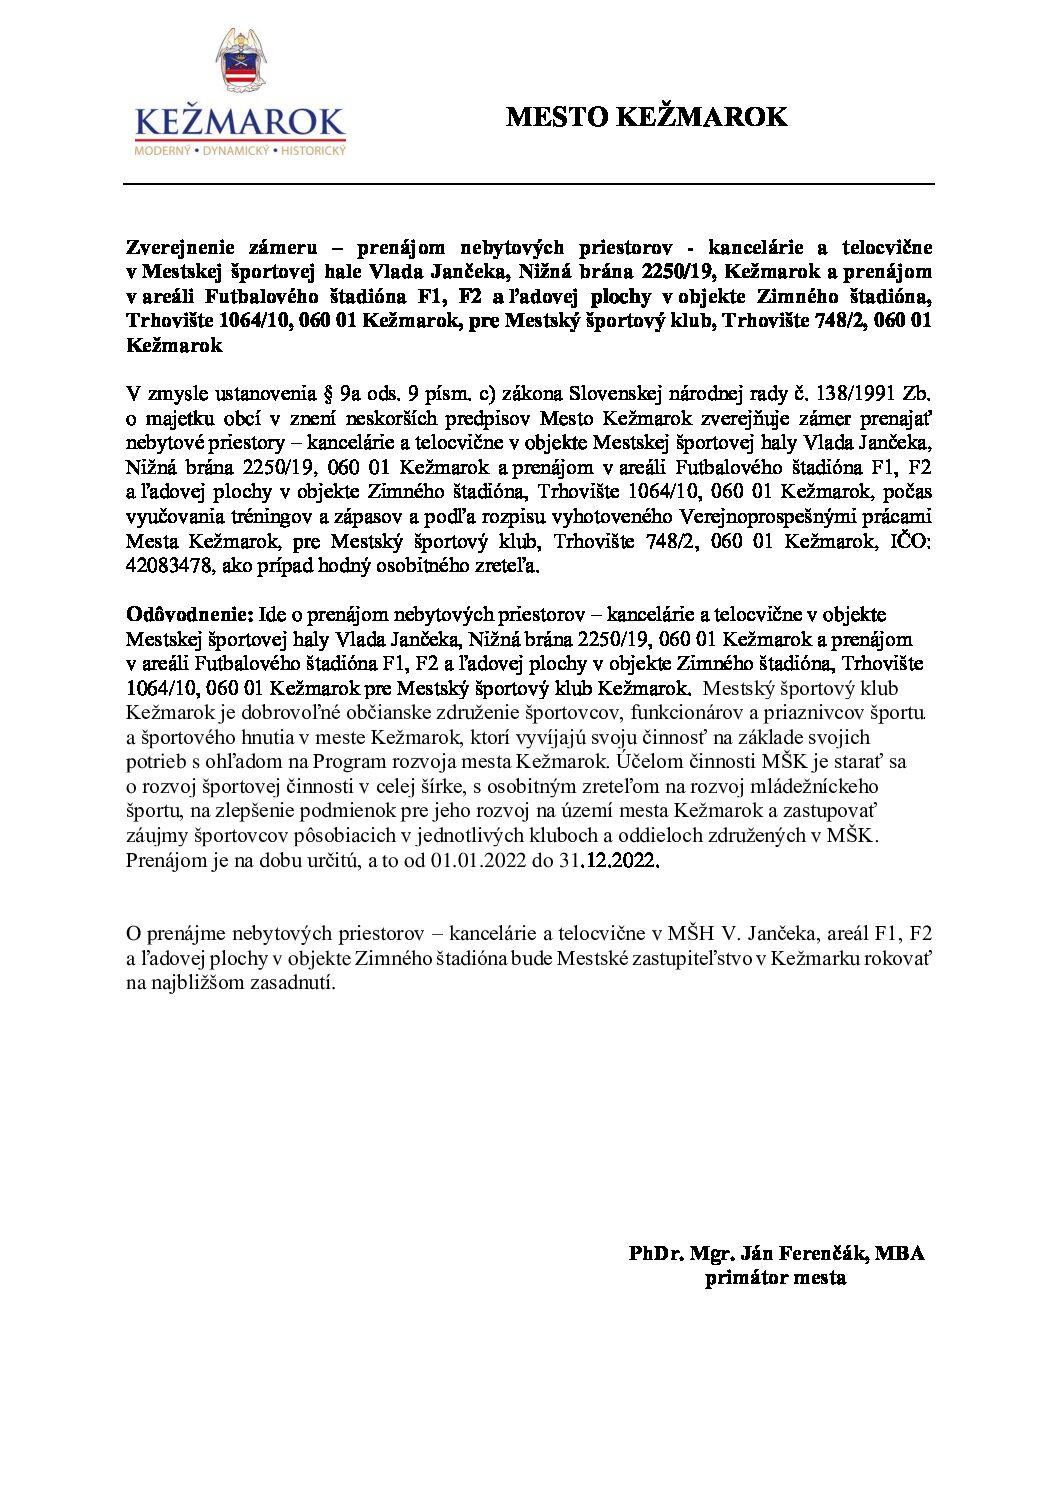 Zverejnenie zámeru - prenájom priestorov v MŠH F1 F2 a zimného štadióna pre MŠK